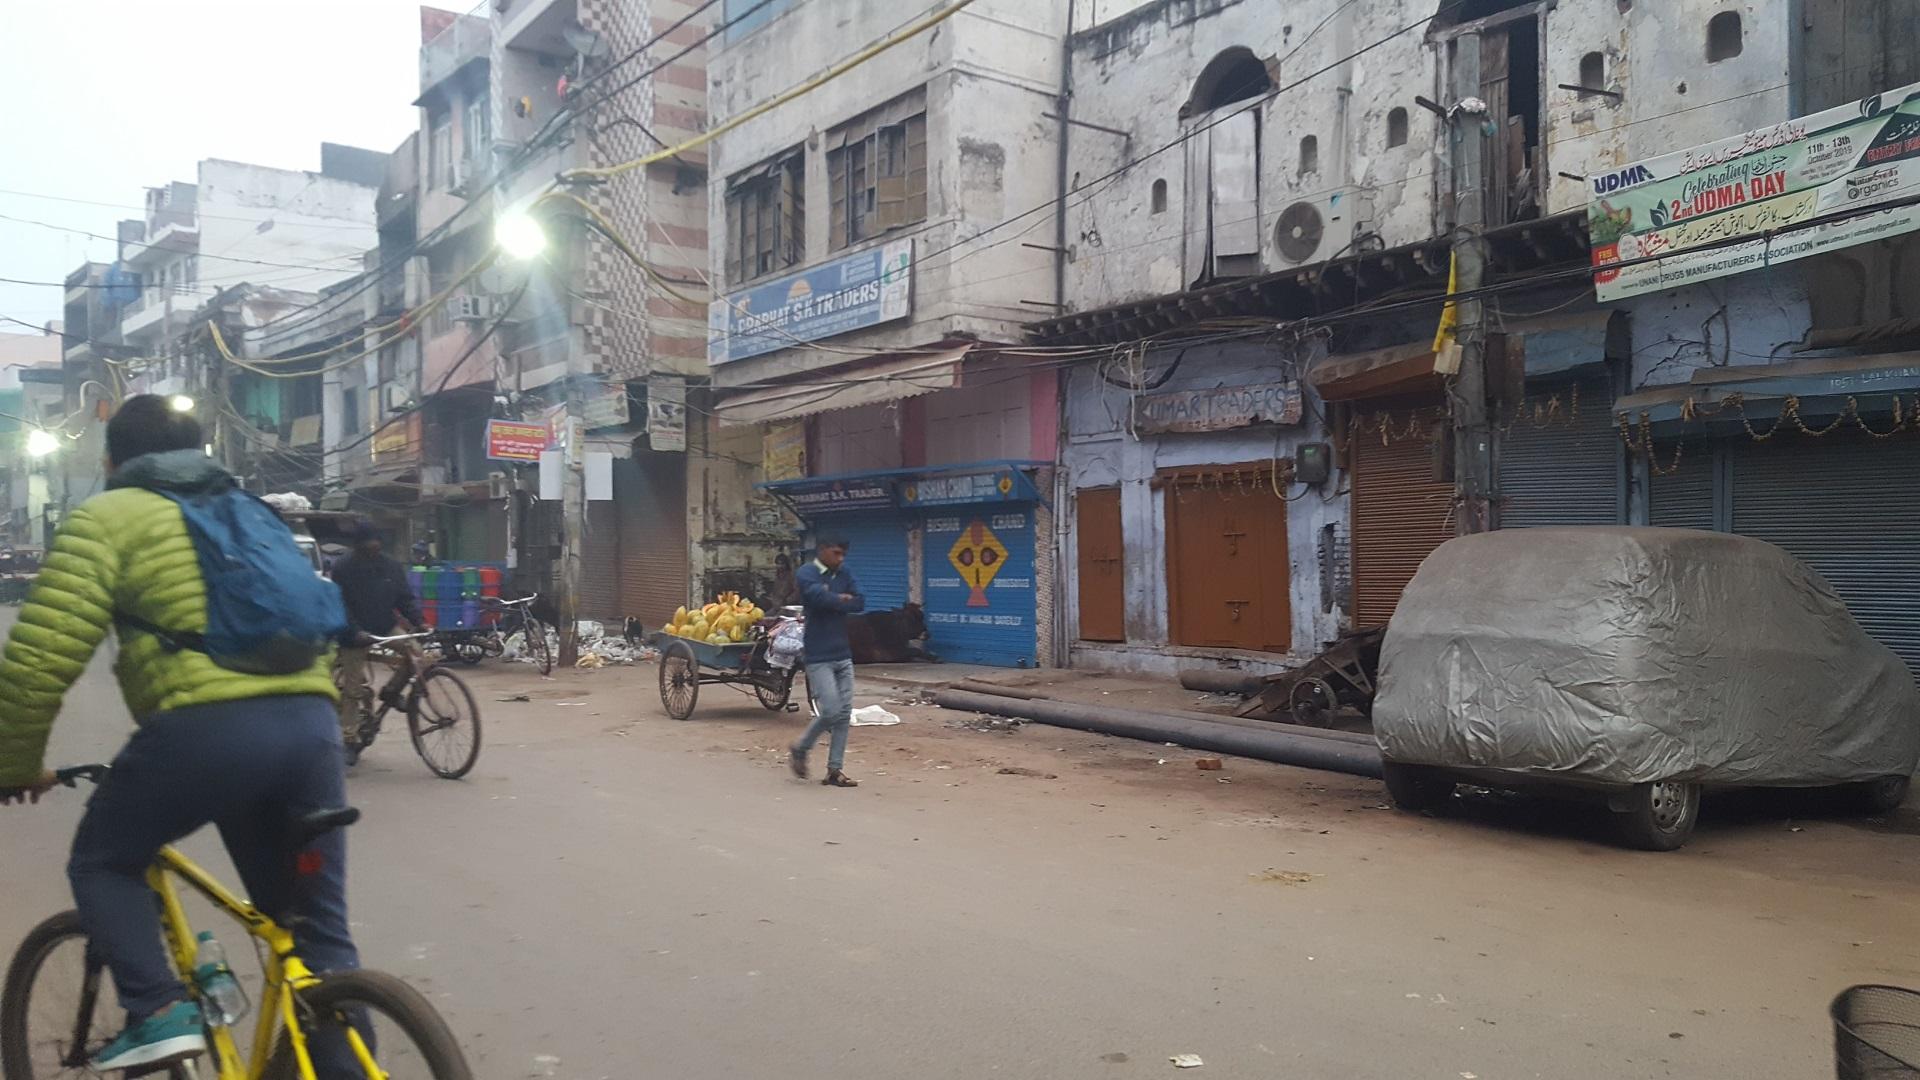 Visiter Delhi - Inde